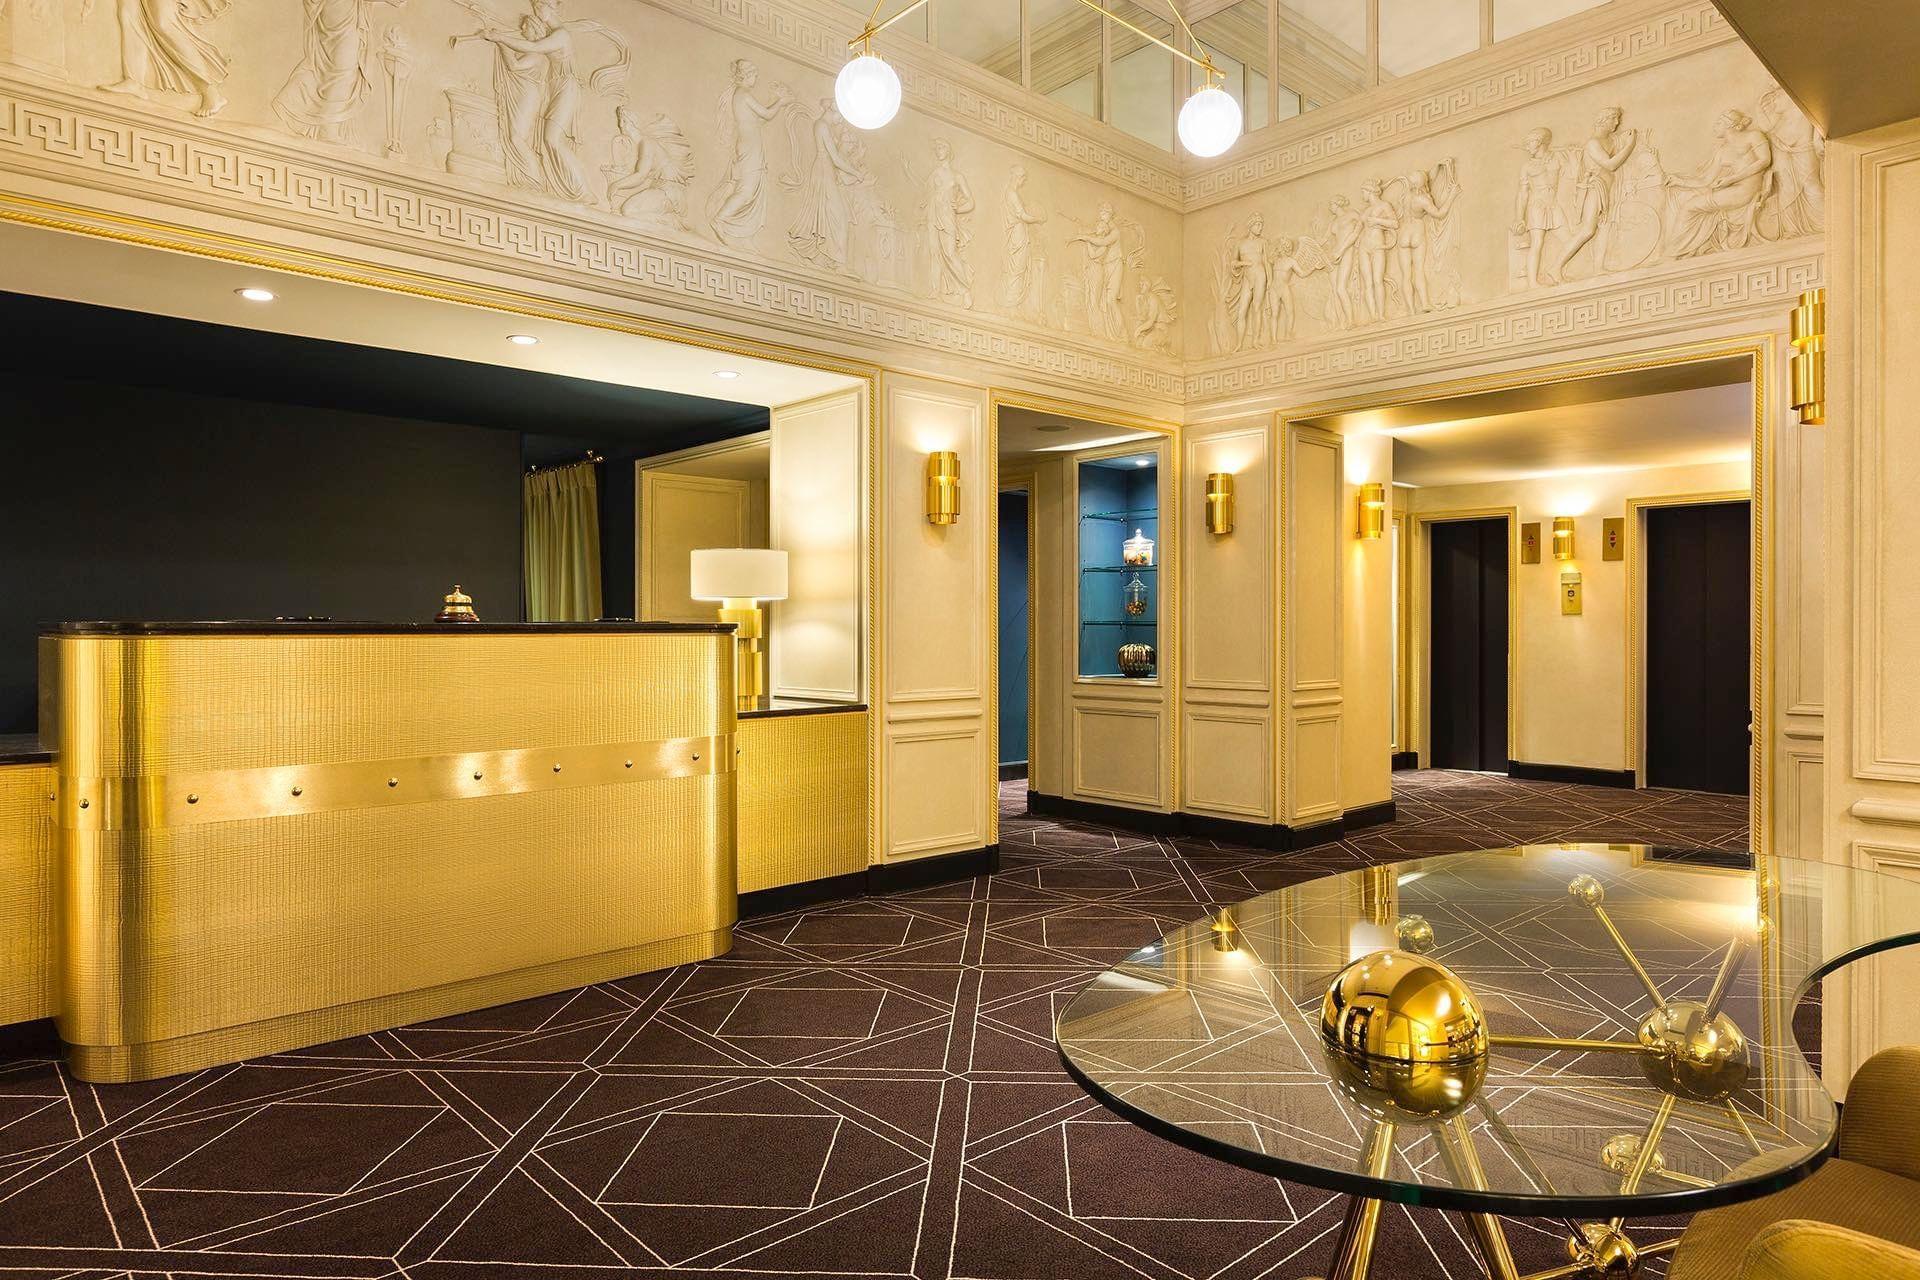 Espace réception et ascenseurs du hall à l'Hotel Barsey by Warwi